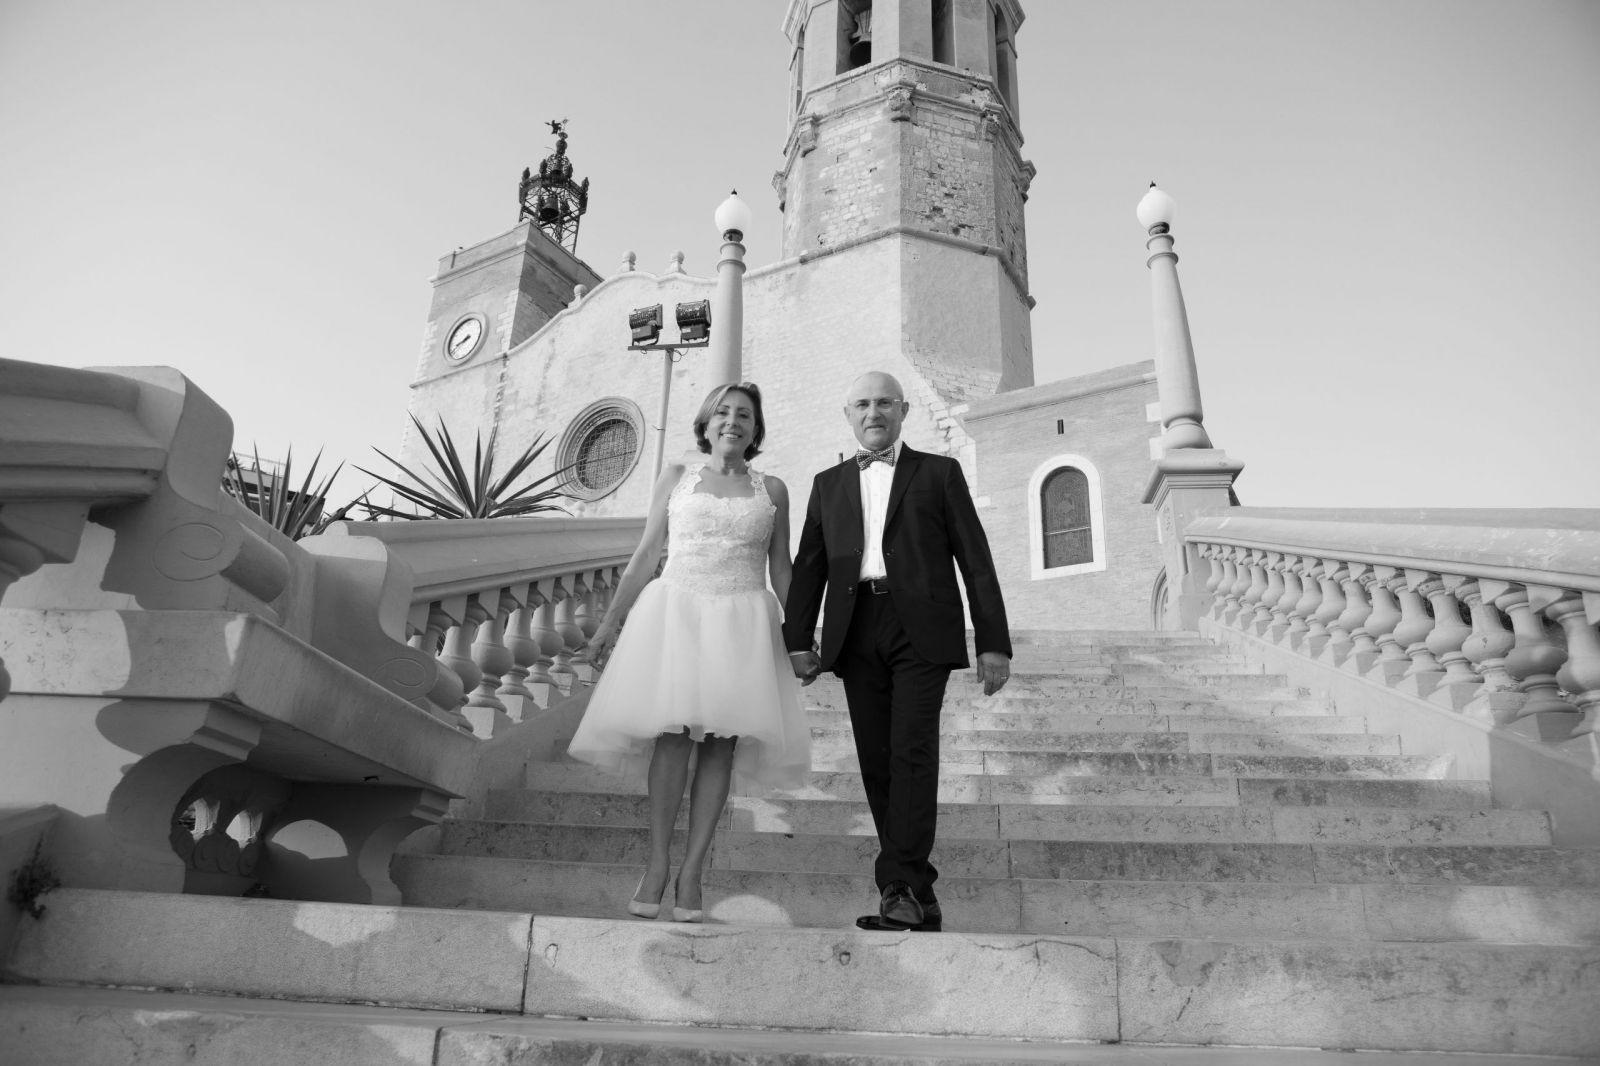 fotografo-boda-intima-sitges-barcelona-41